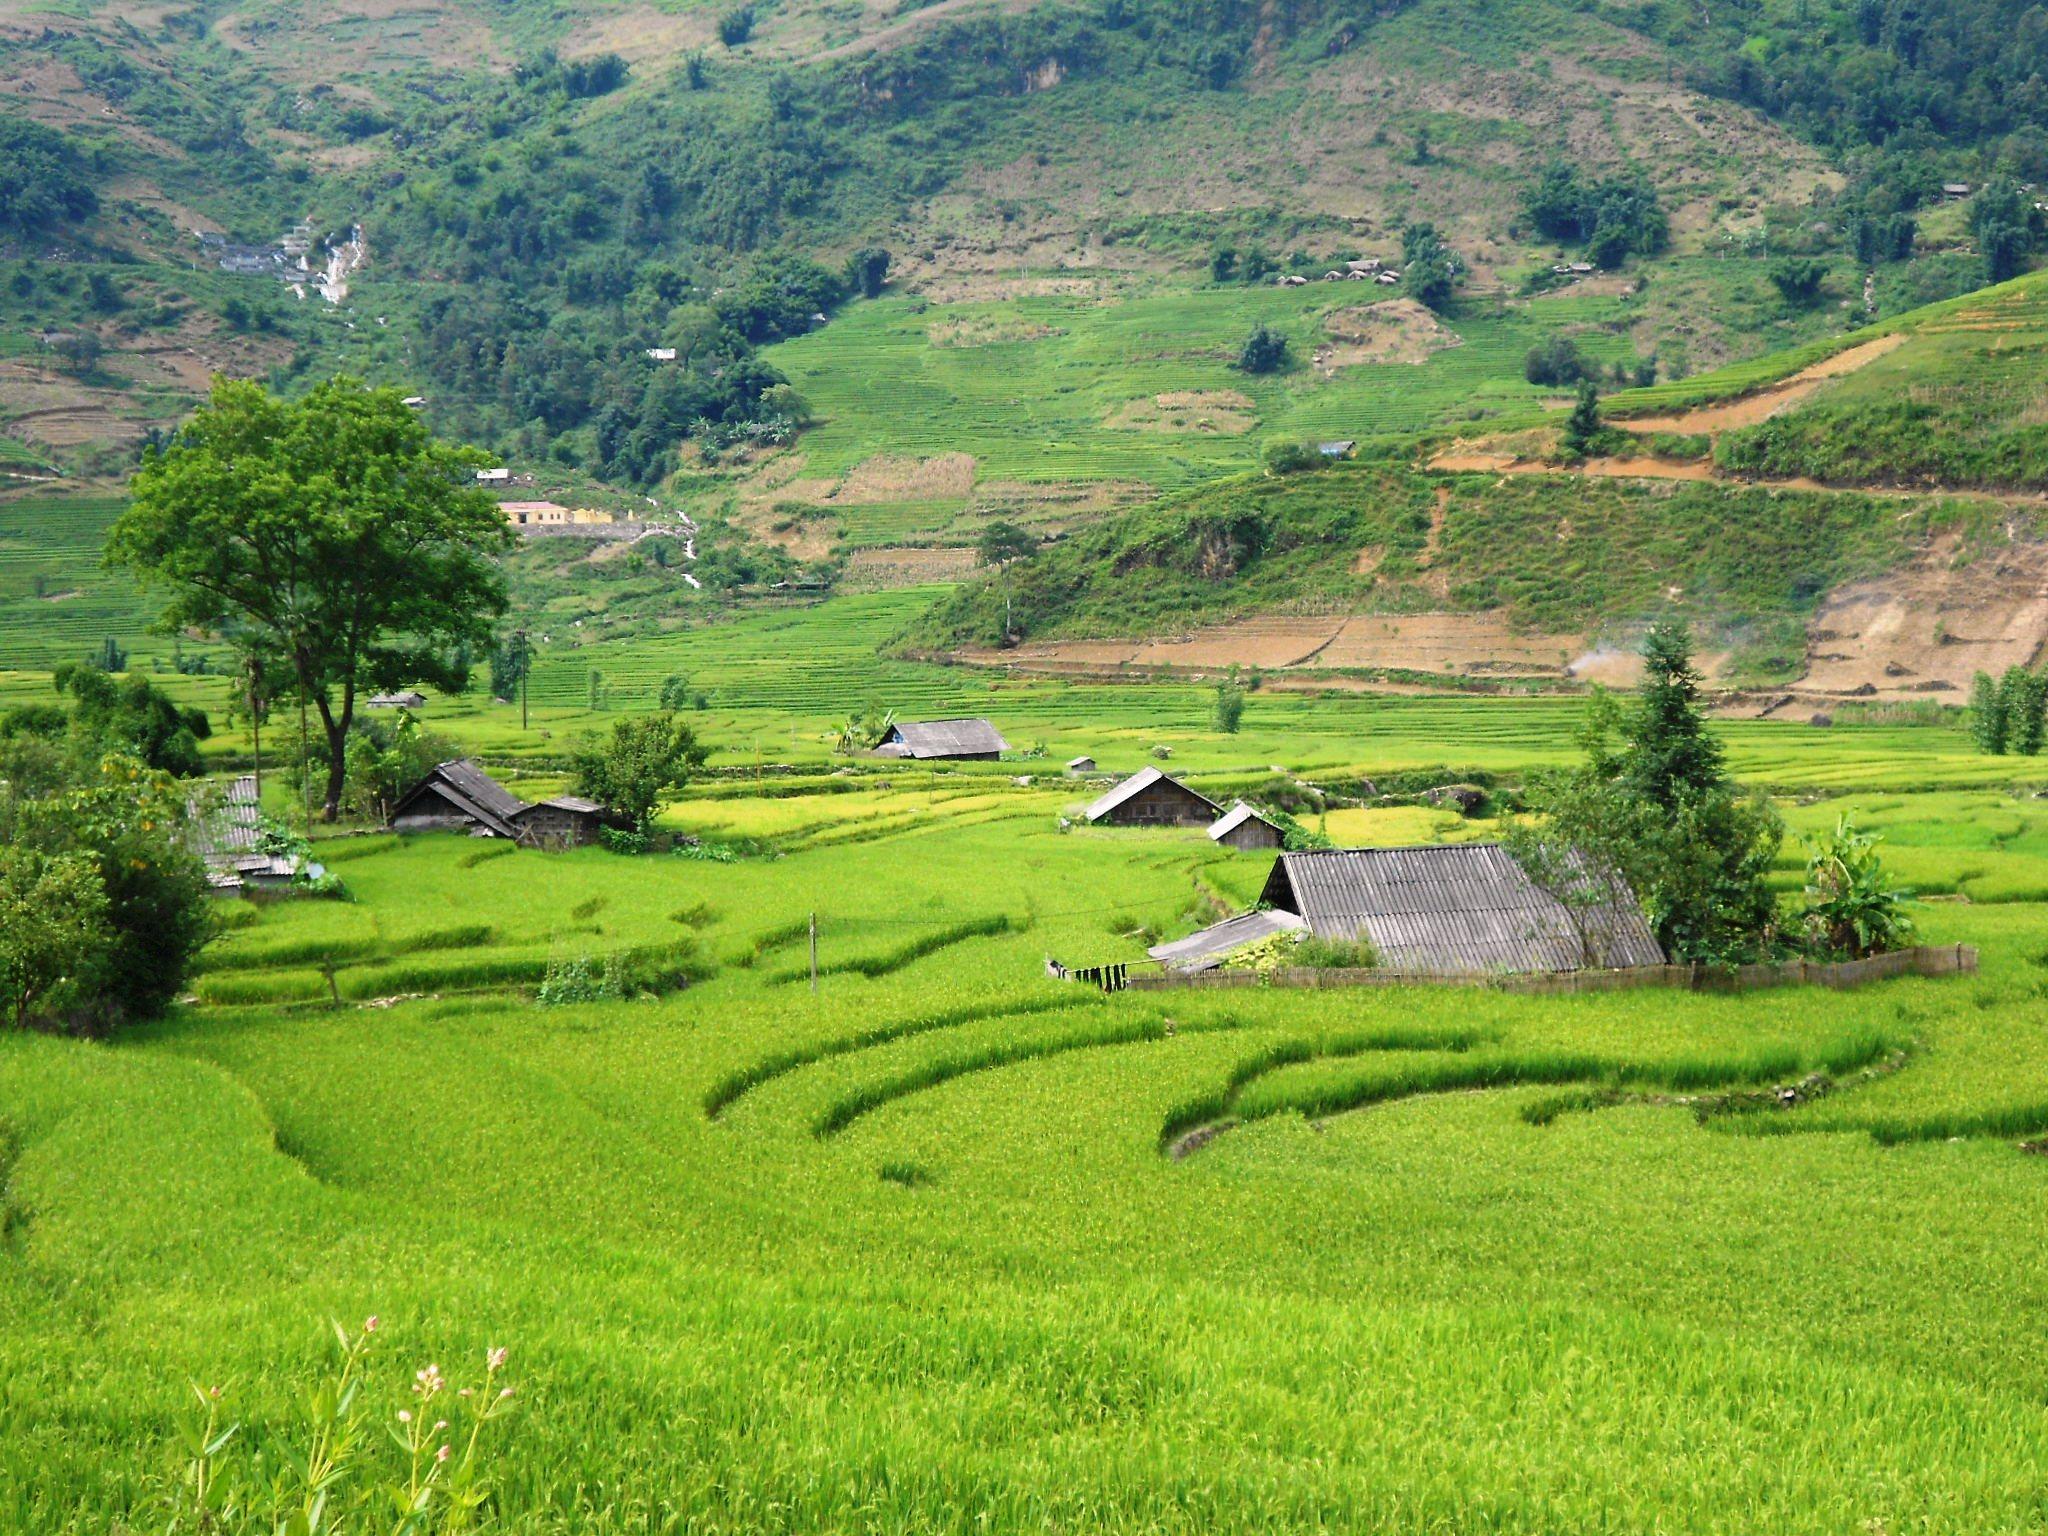 viviendas en la región montañosa de Sapa